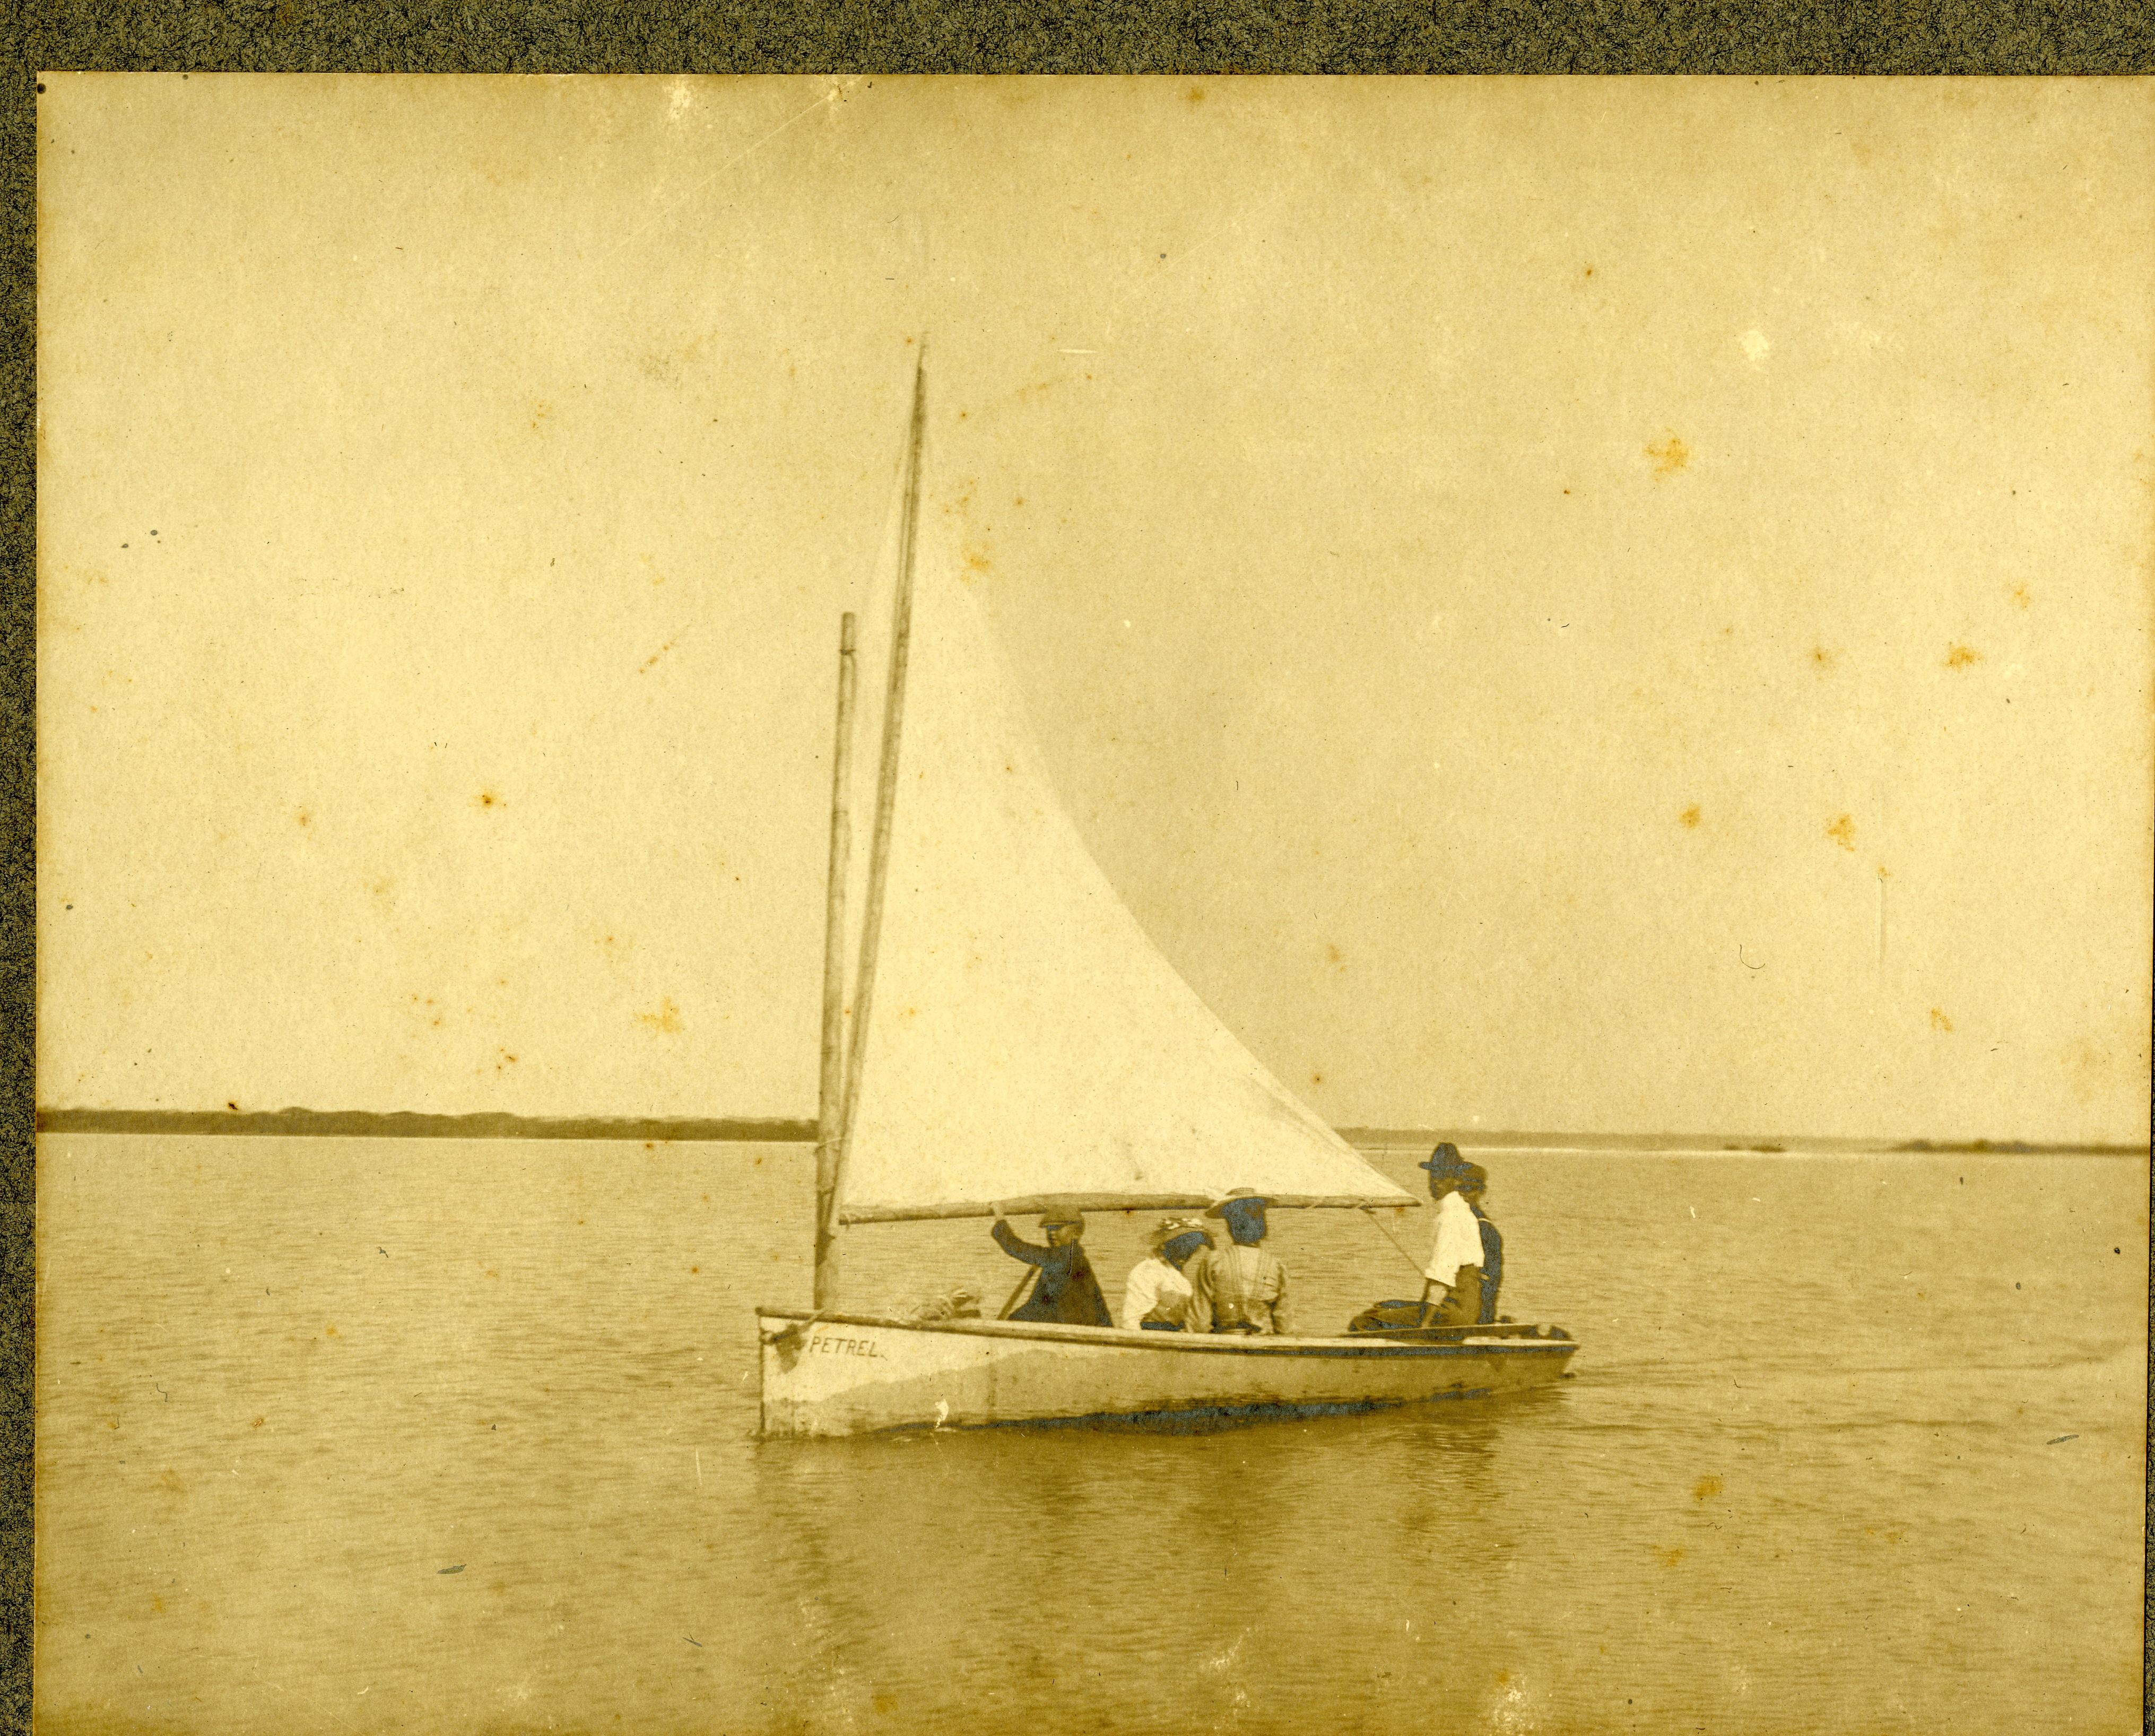 Homer Mohr and friends sailing, location Johns Pass, Madeira Beach, Florida, circa 1910.